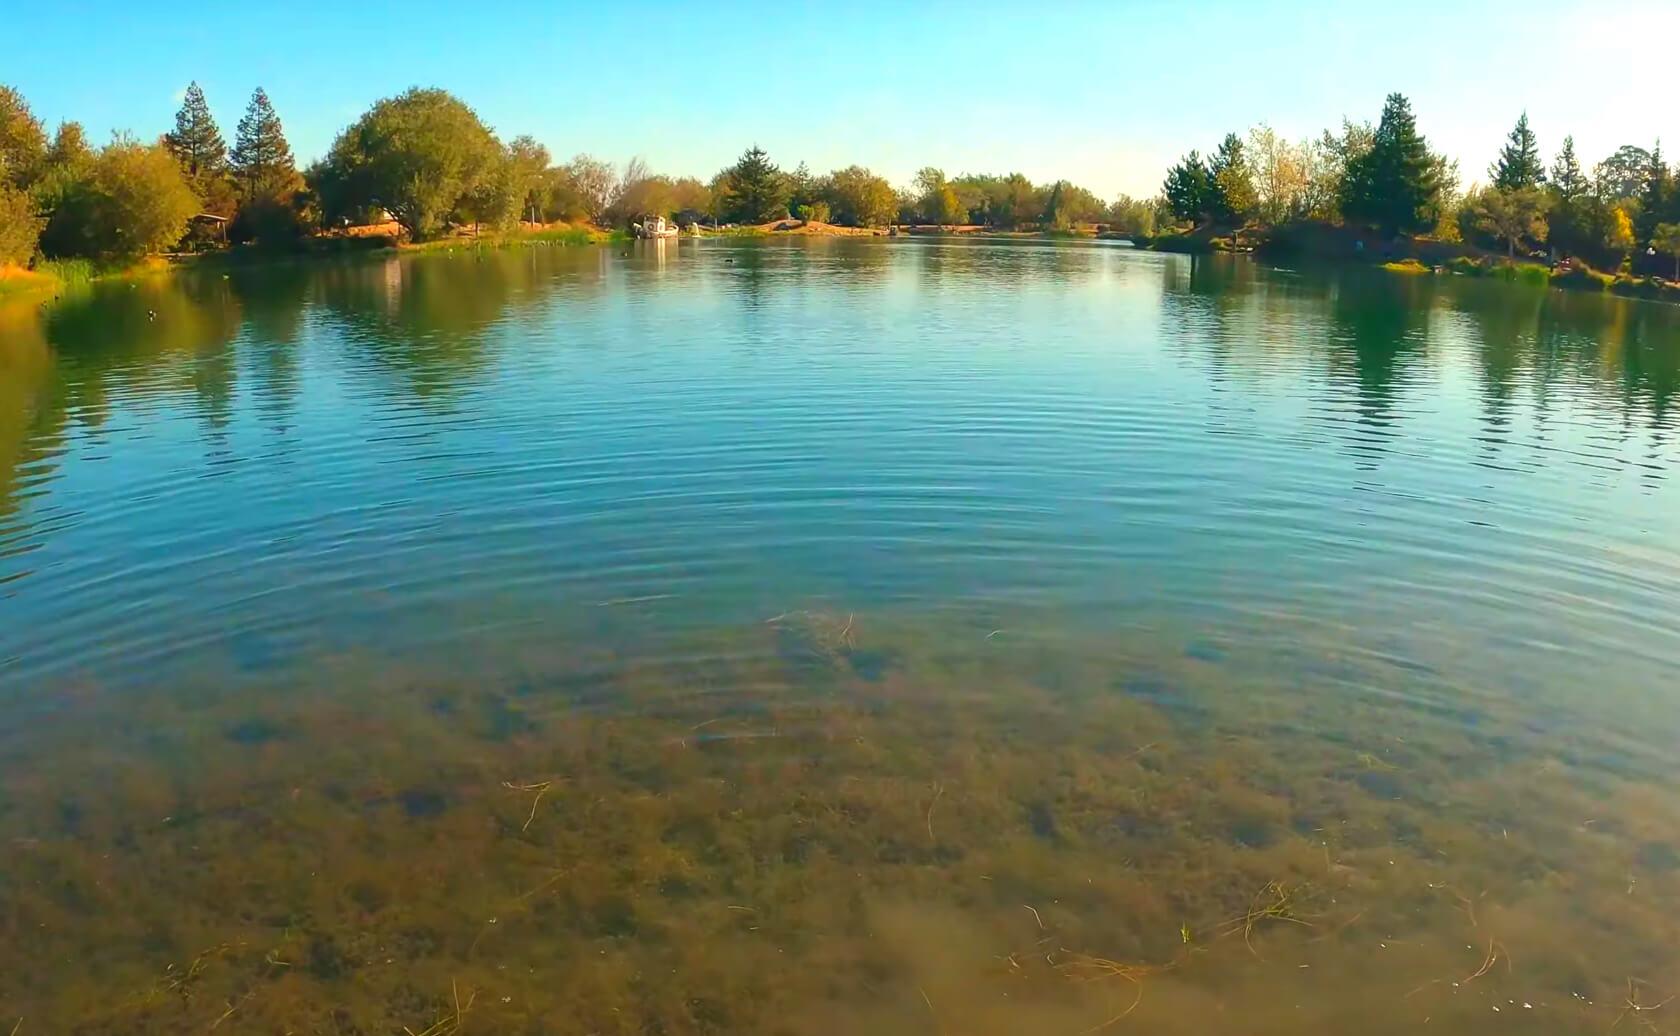 McAlpine-Lake-fishing-guide-report-San-Juan-Bautista-ca-04